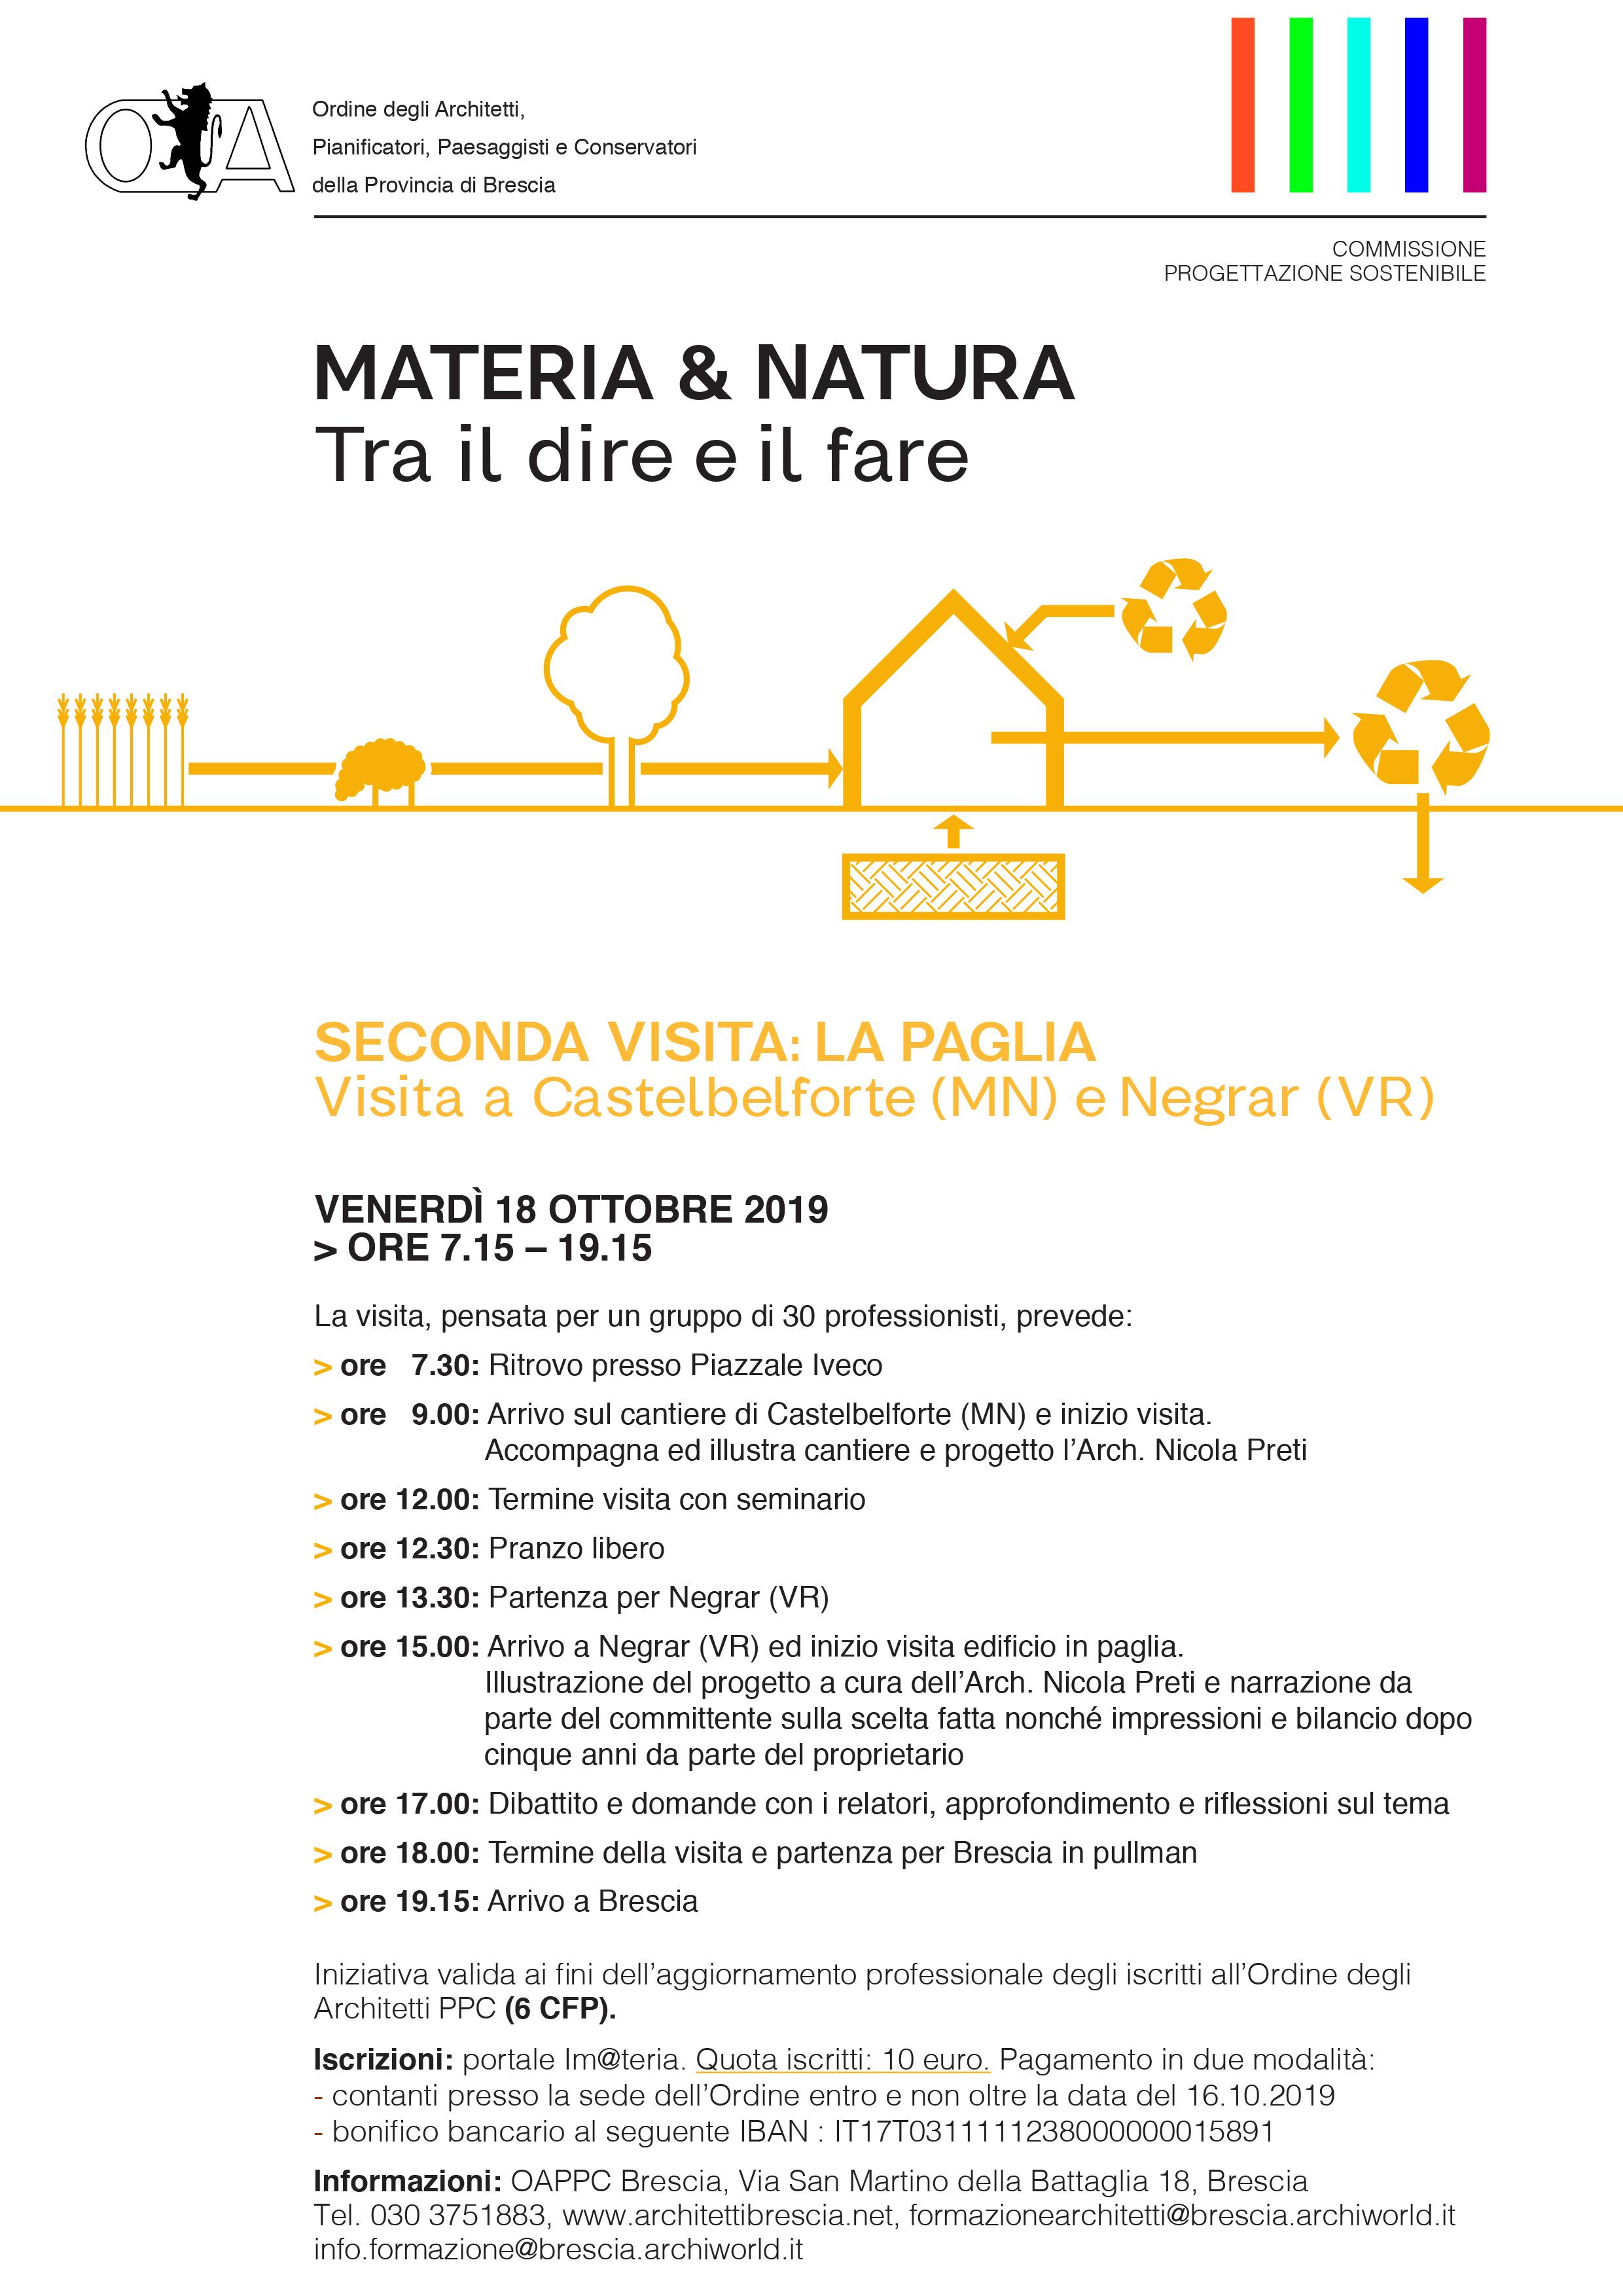 Il programma della visita in cantiere del 18 ottobre